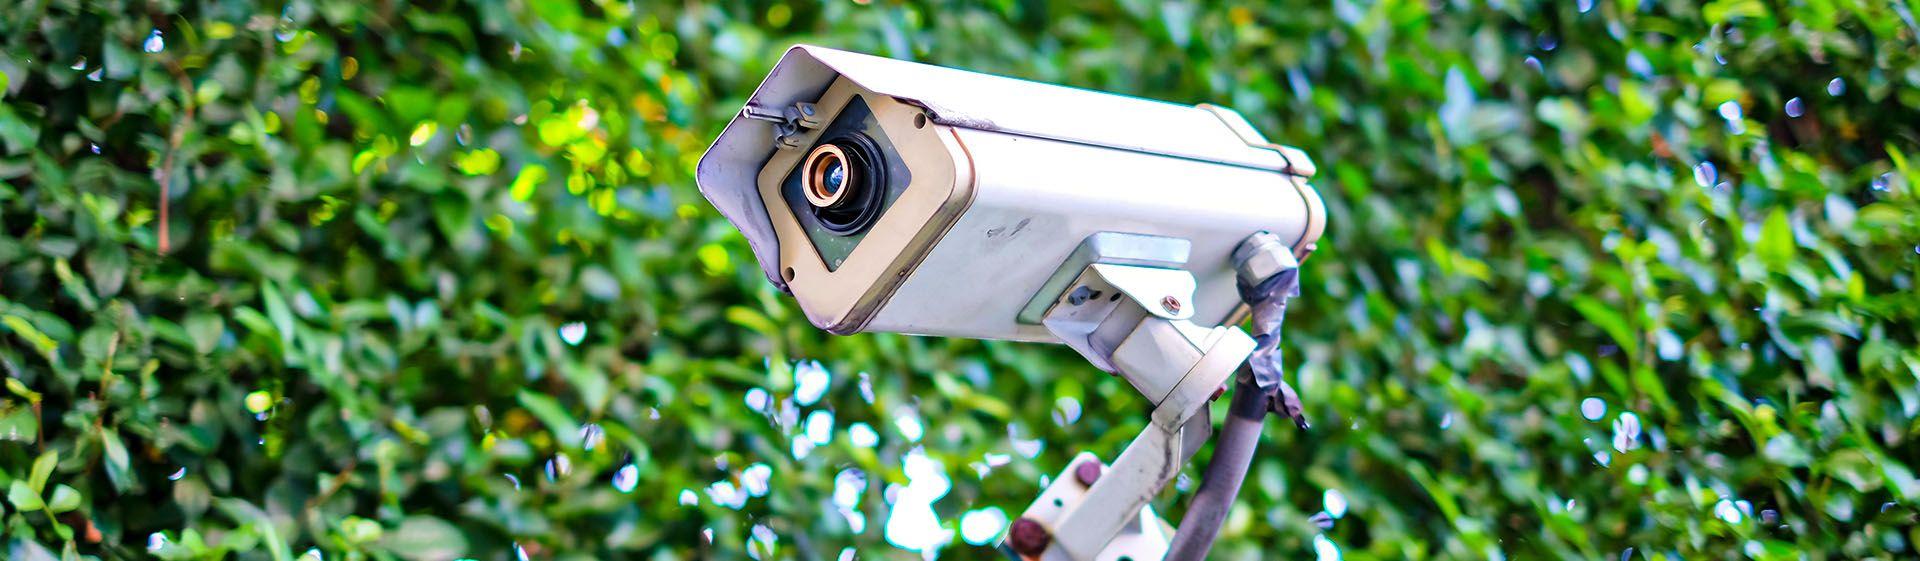 Tipos de câmeras de segurança: conheça os diferentes modelos